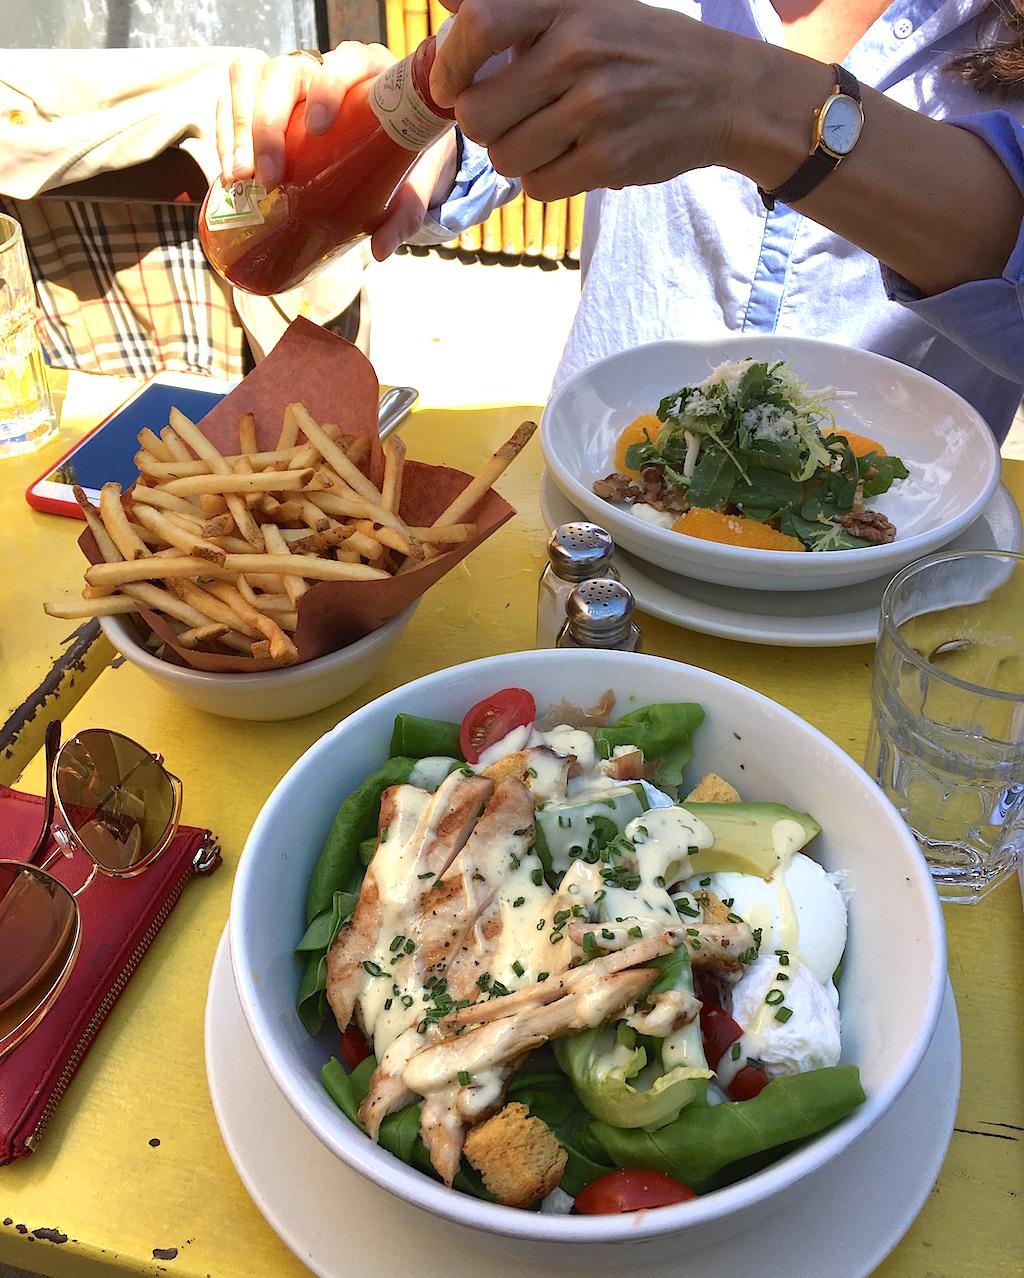 visiter brooklyn et déjeuner chez juliette